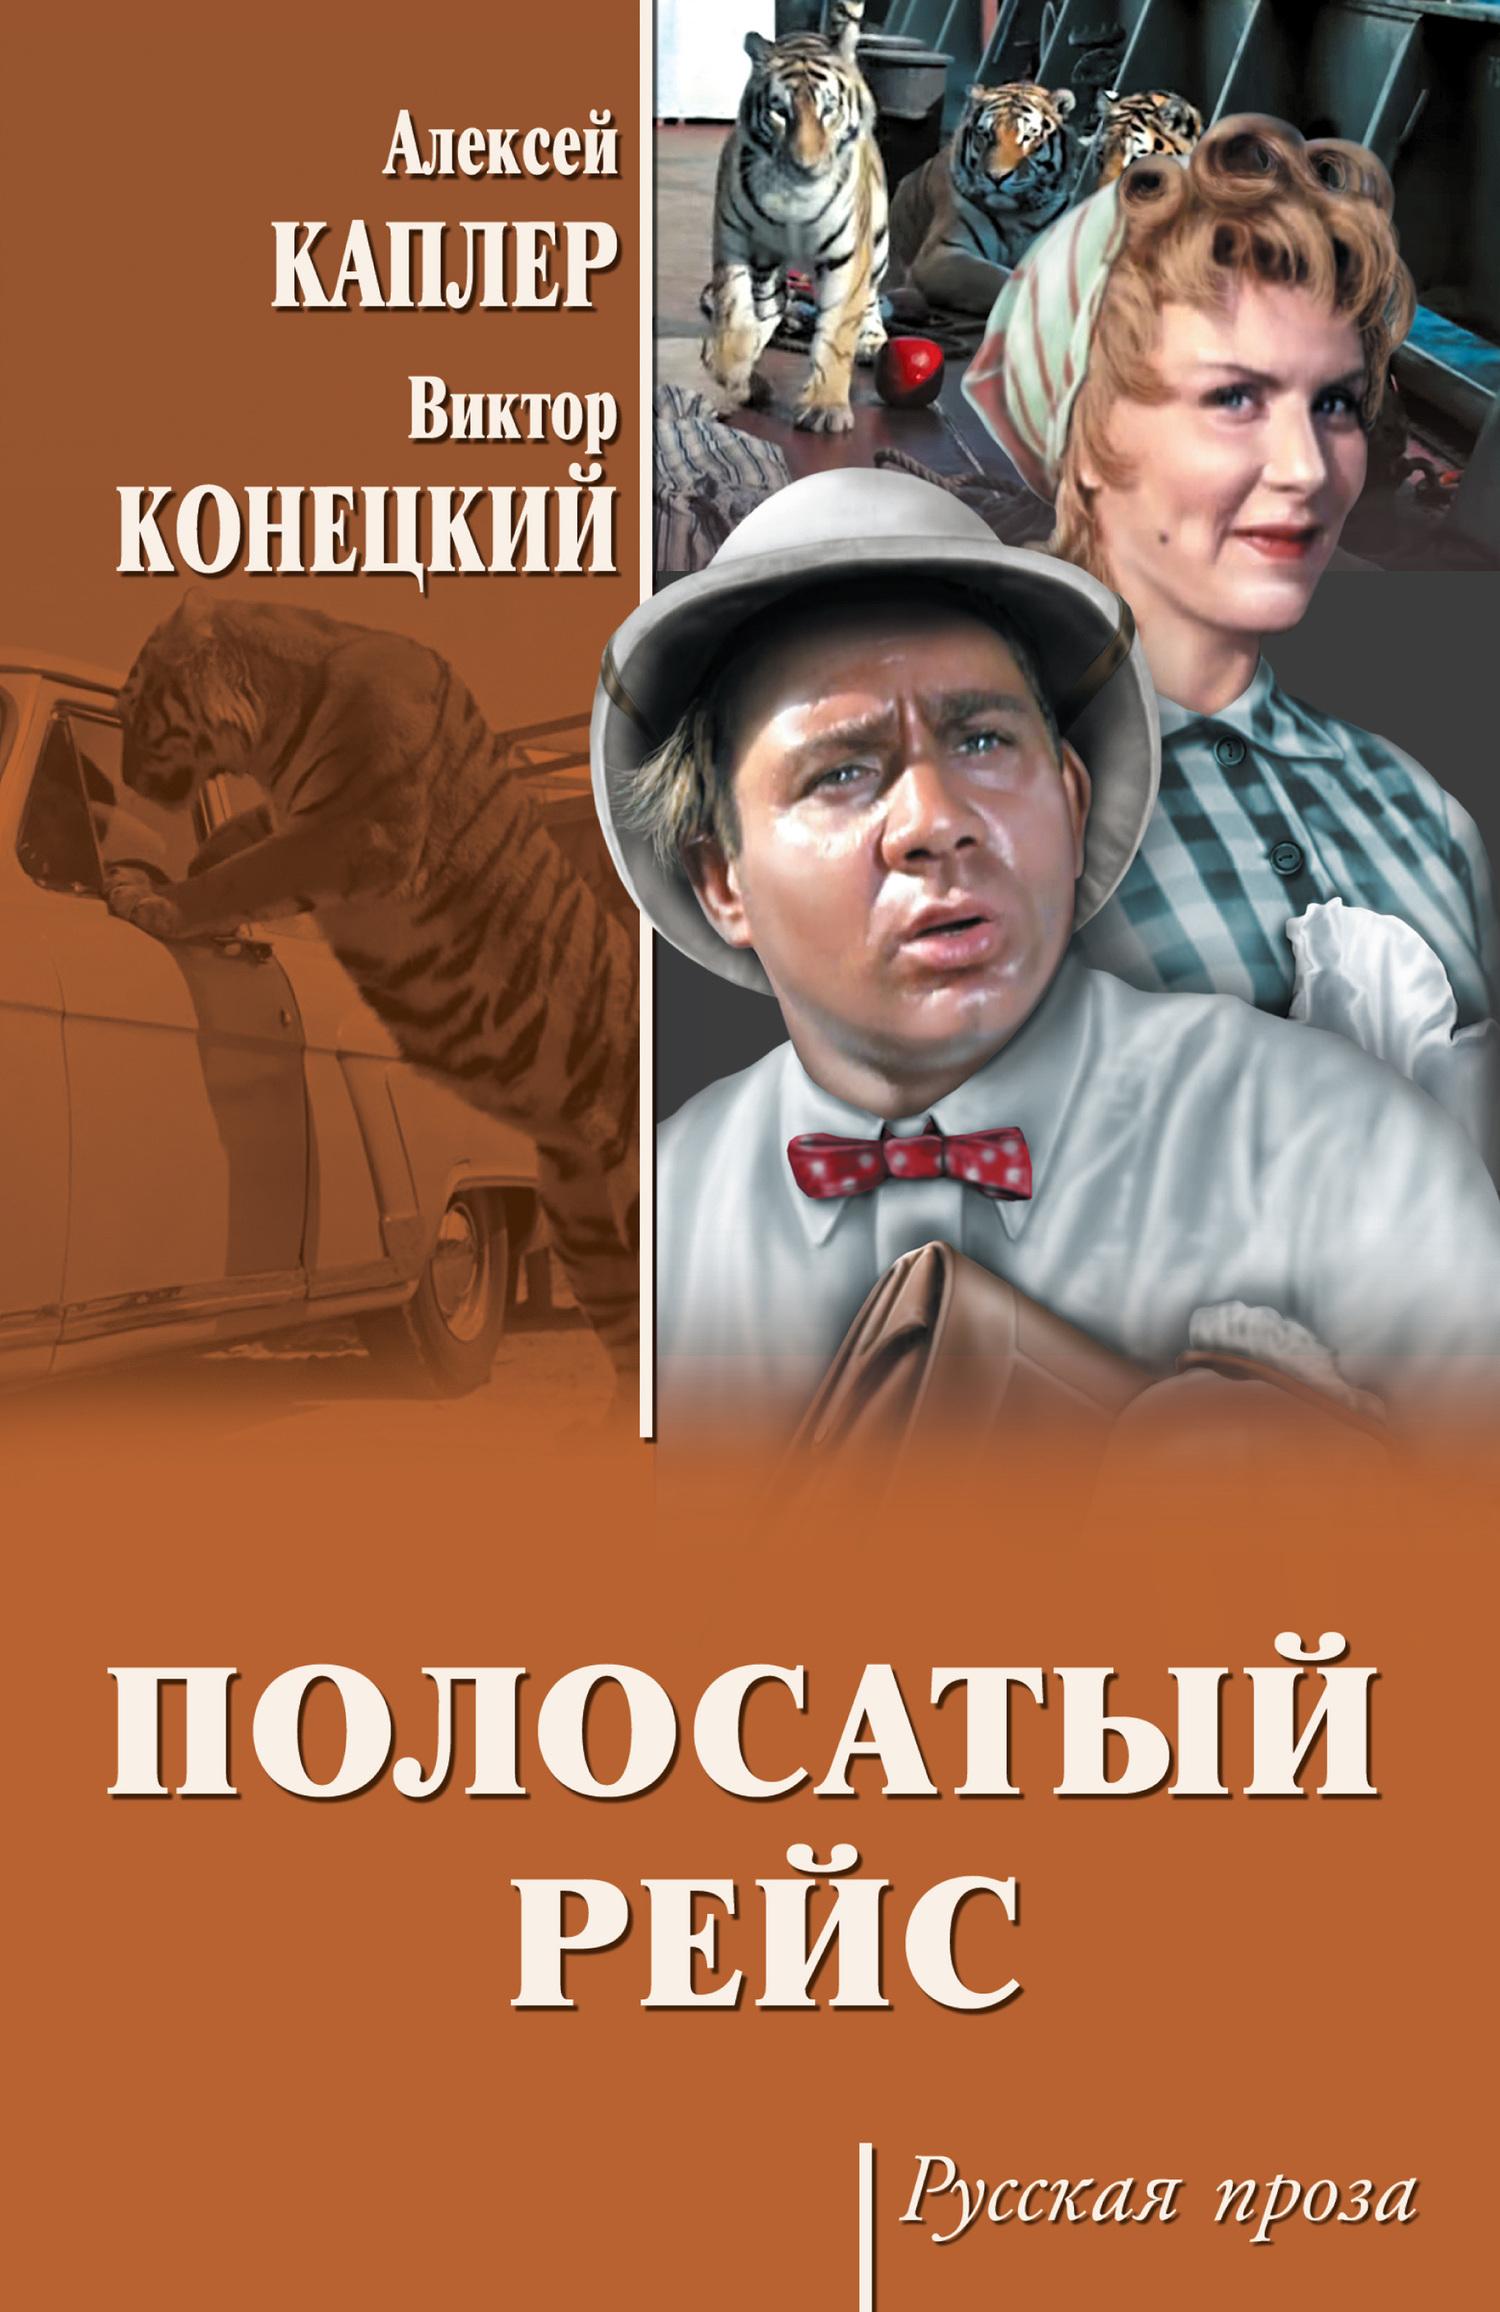 Обложка книги Полосатый рейс (сборник), автор Виктор Конецкий